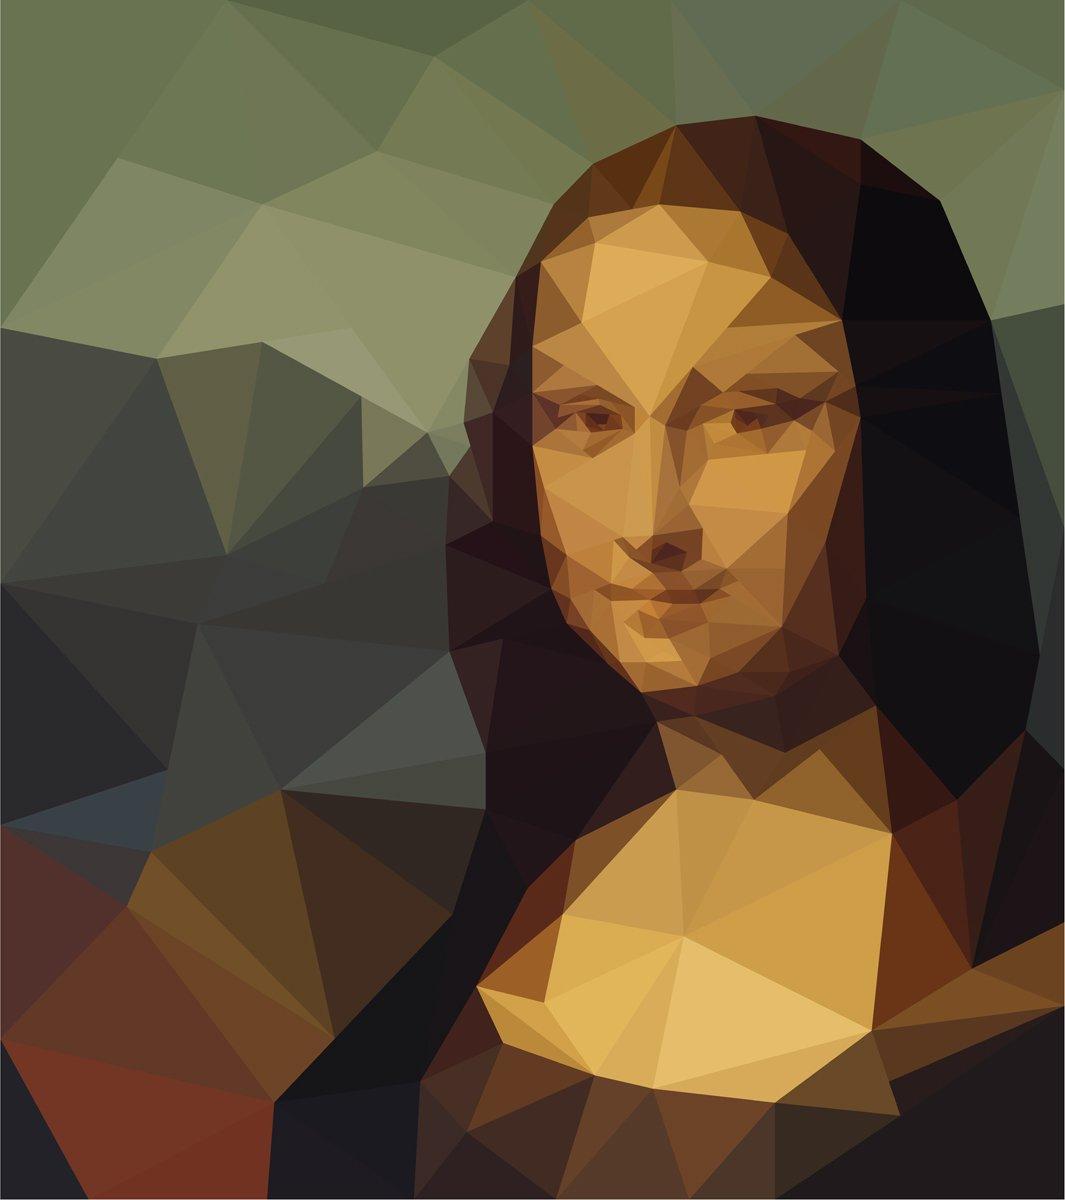 Постер-картина Пиксель-арт Полигональные Мона Лиза портретПиксель-арт<br>Постер на холсте или бумаге. Любого нужного вам размера. В раме или без. Подвес в комплекте. Трехслойная надежная упаковка. Доставим в любую точку России. Вам осталось только повесить картину на стену!<br>